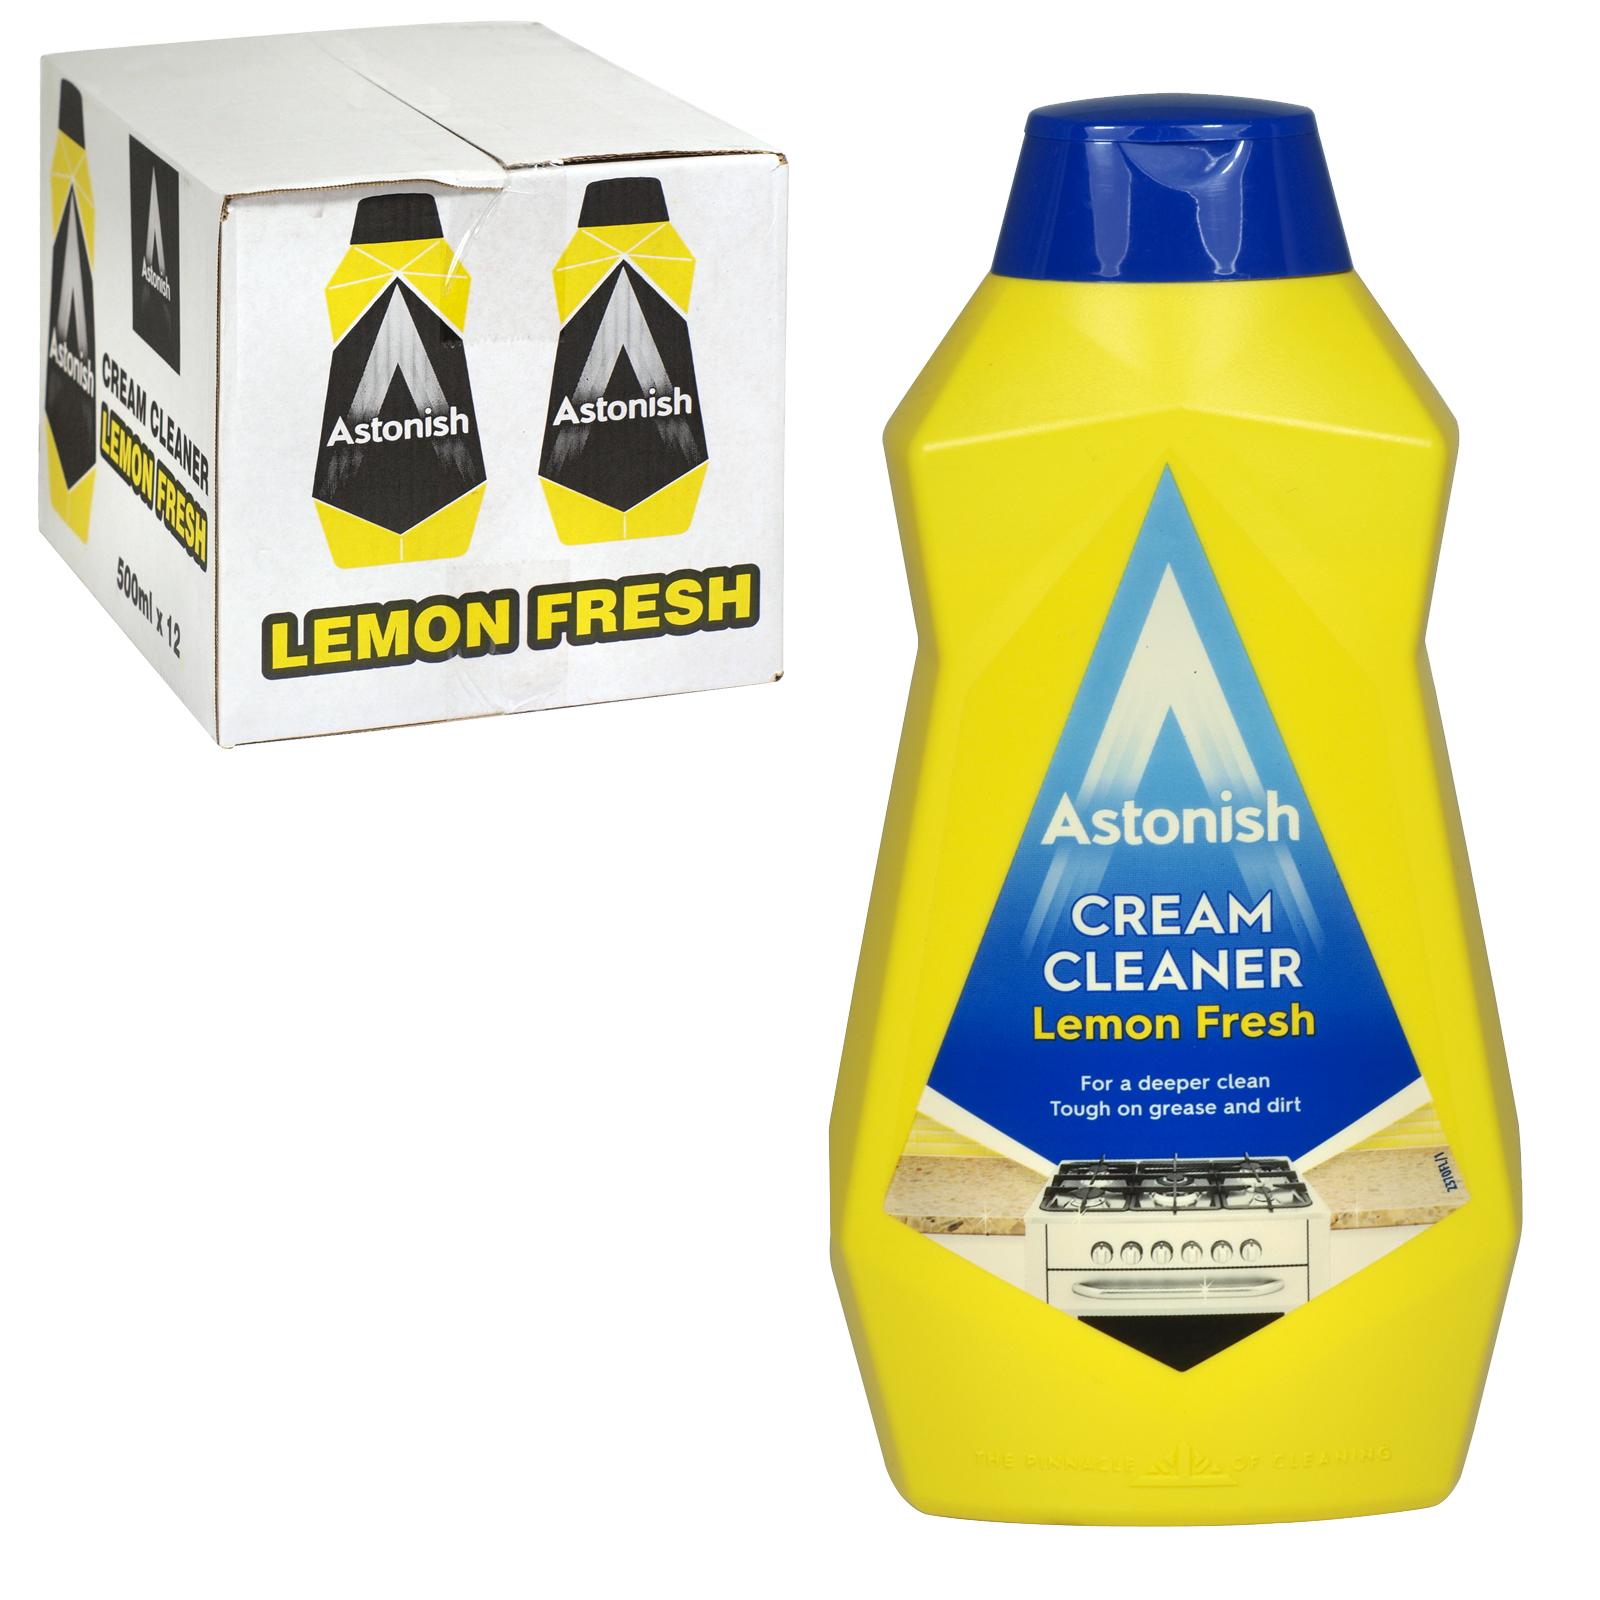 ASTONISH 500ML CREAM CLEANER LEMON FRESH X12